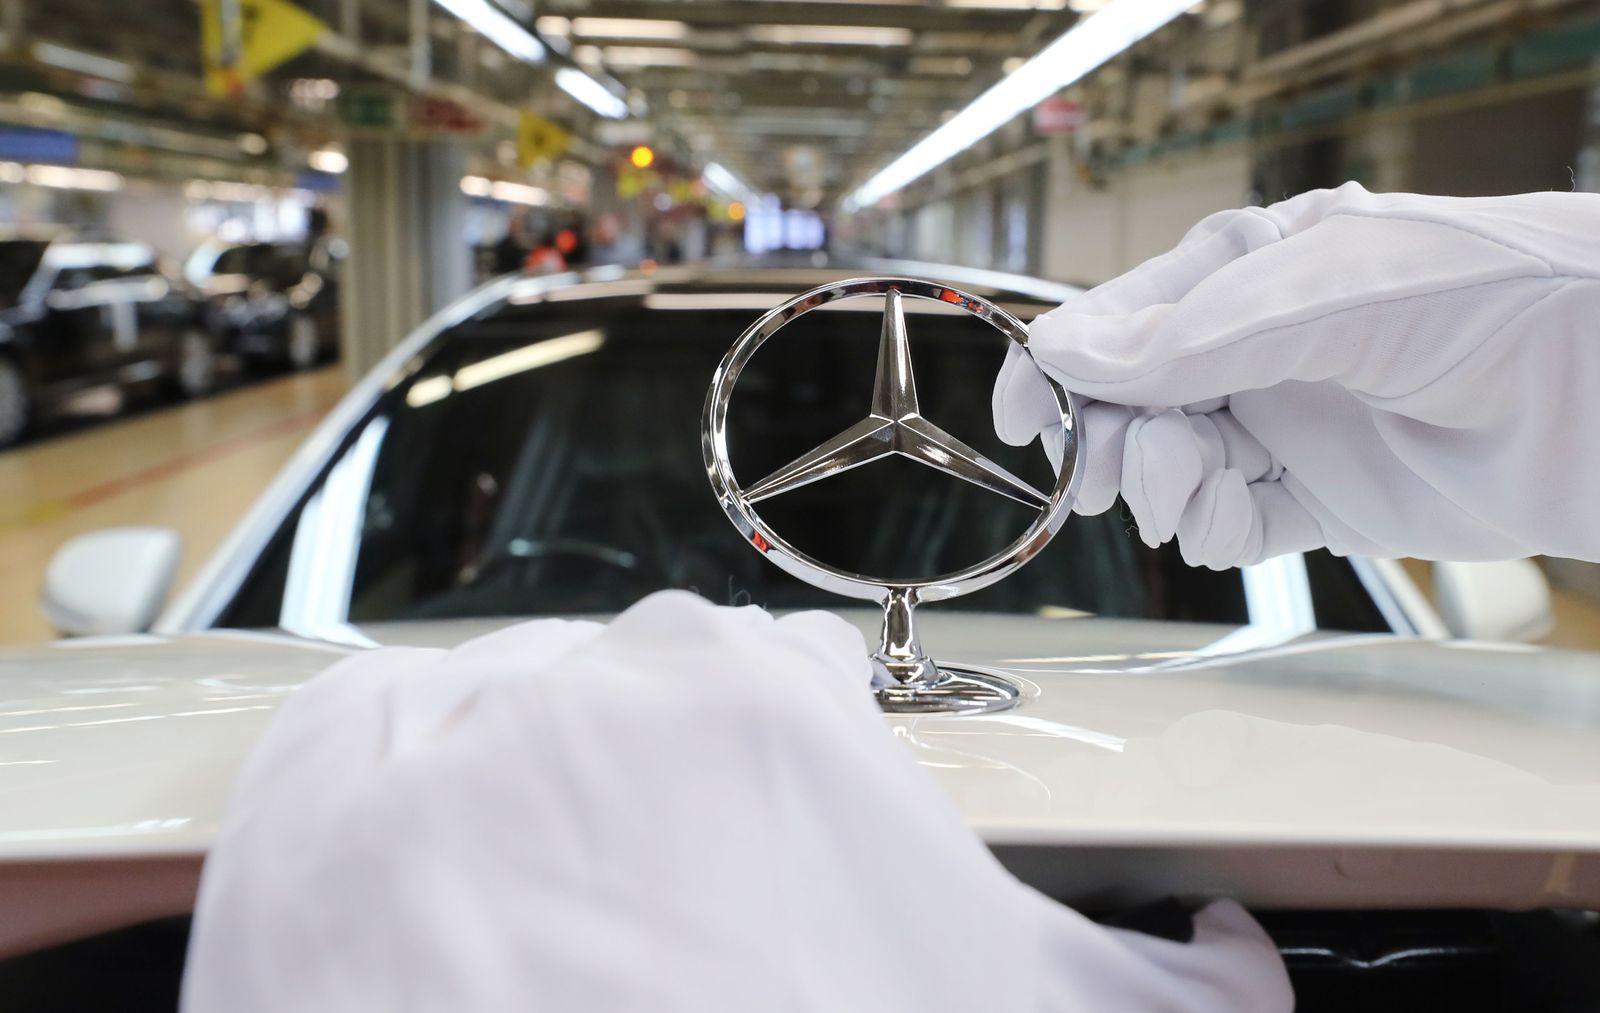 Industrial orders in Germany decline, Sindelfingen - 04 Mar 2015